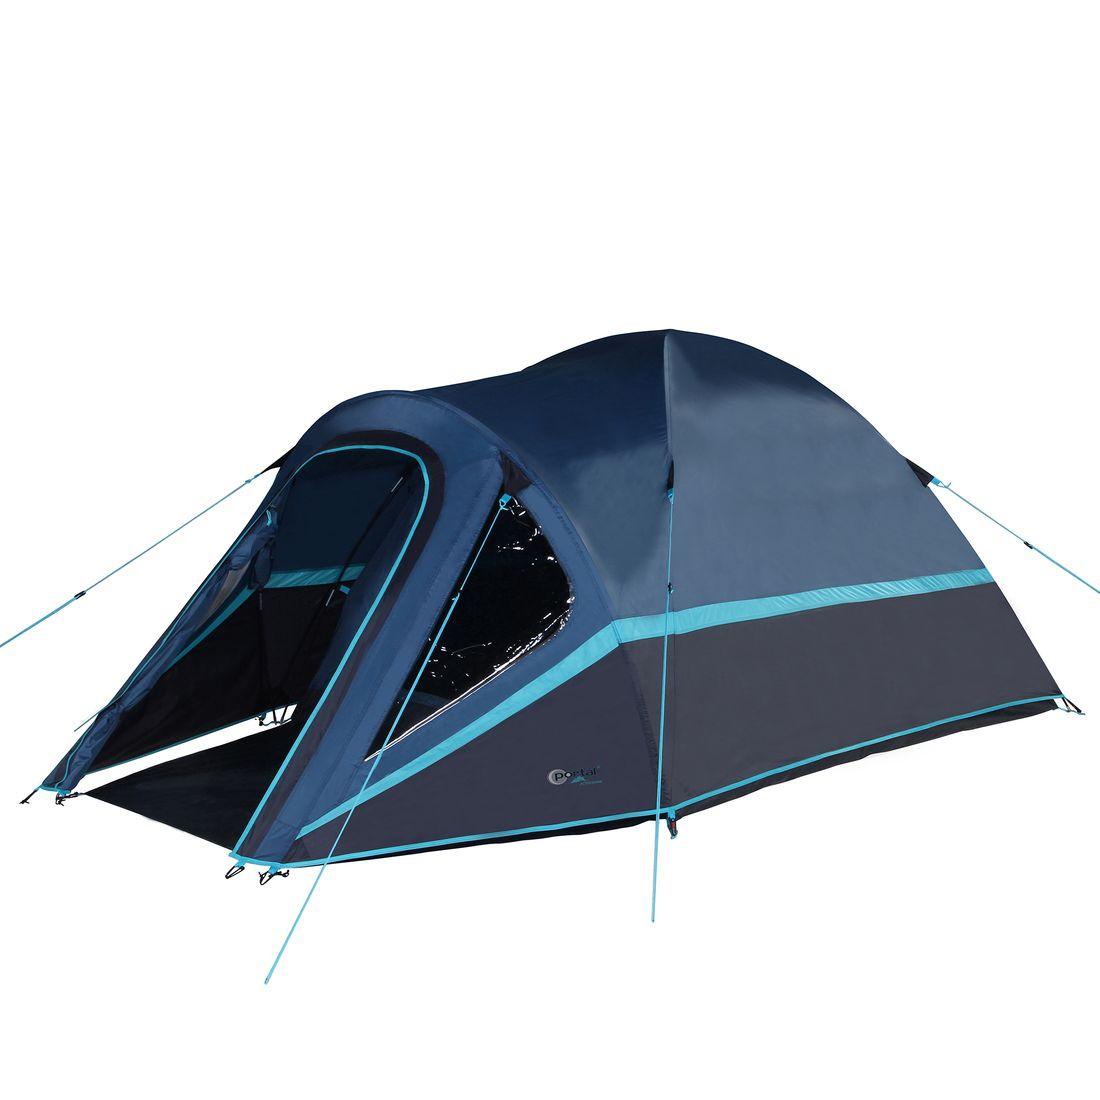 65e866e1e9c8a4 Portal Arona 3 - Campingzelt mit Schlafkabine für 3 Personen ...